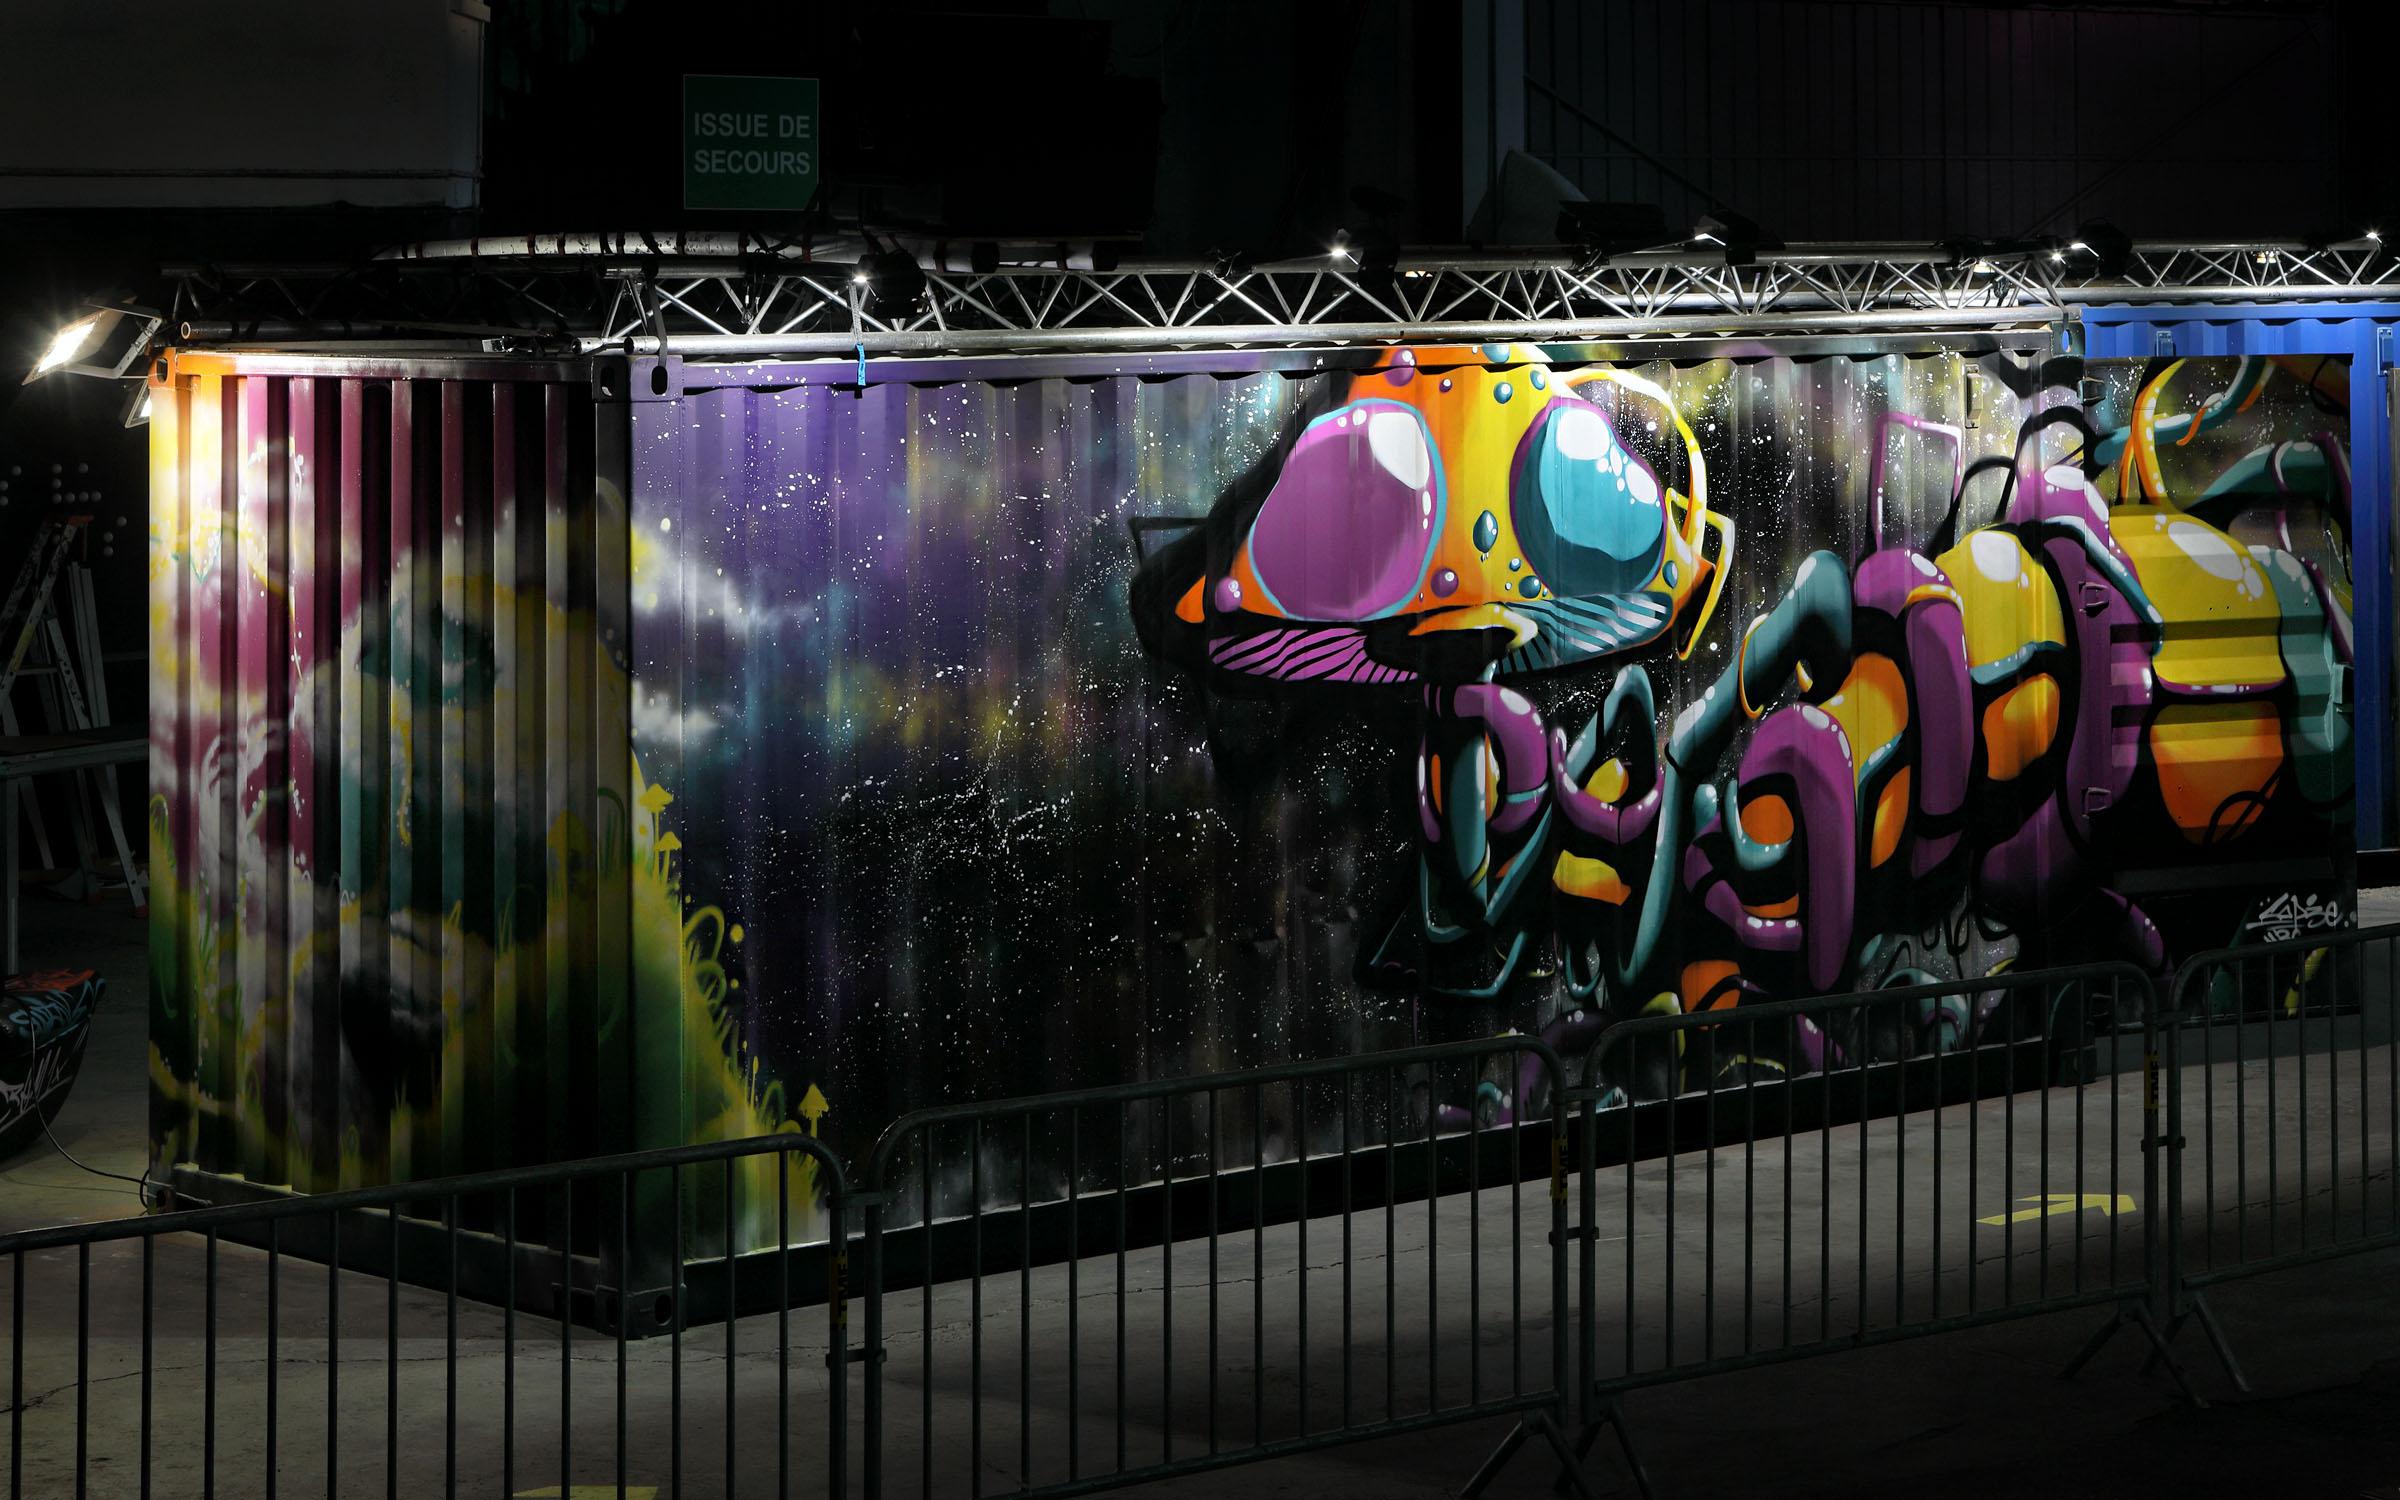 LHH-Peinture-Fraiche-Festival-2020-Lapze